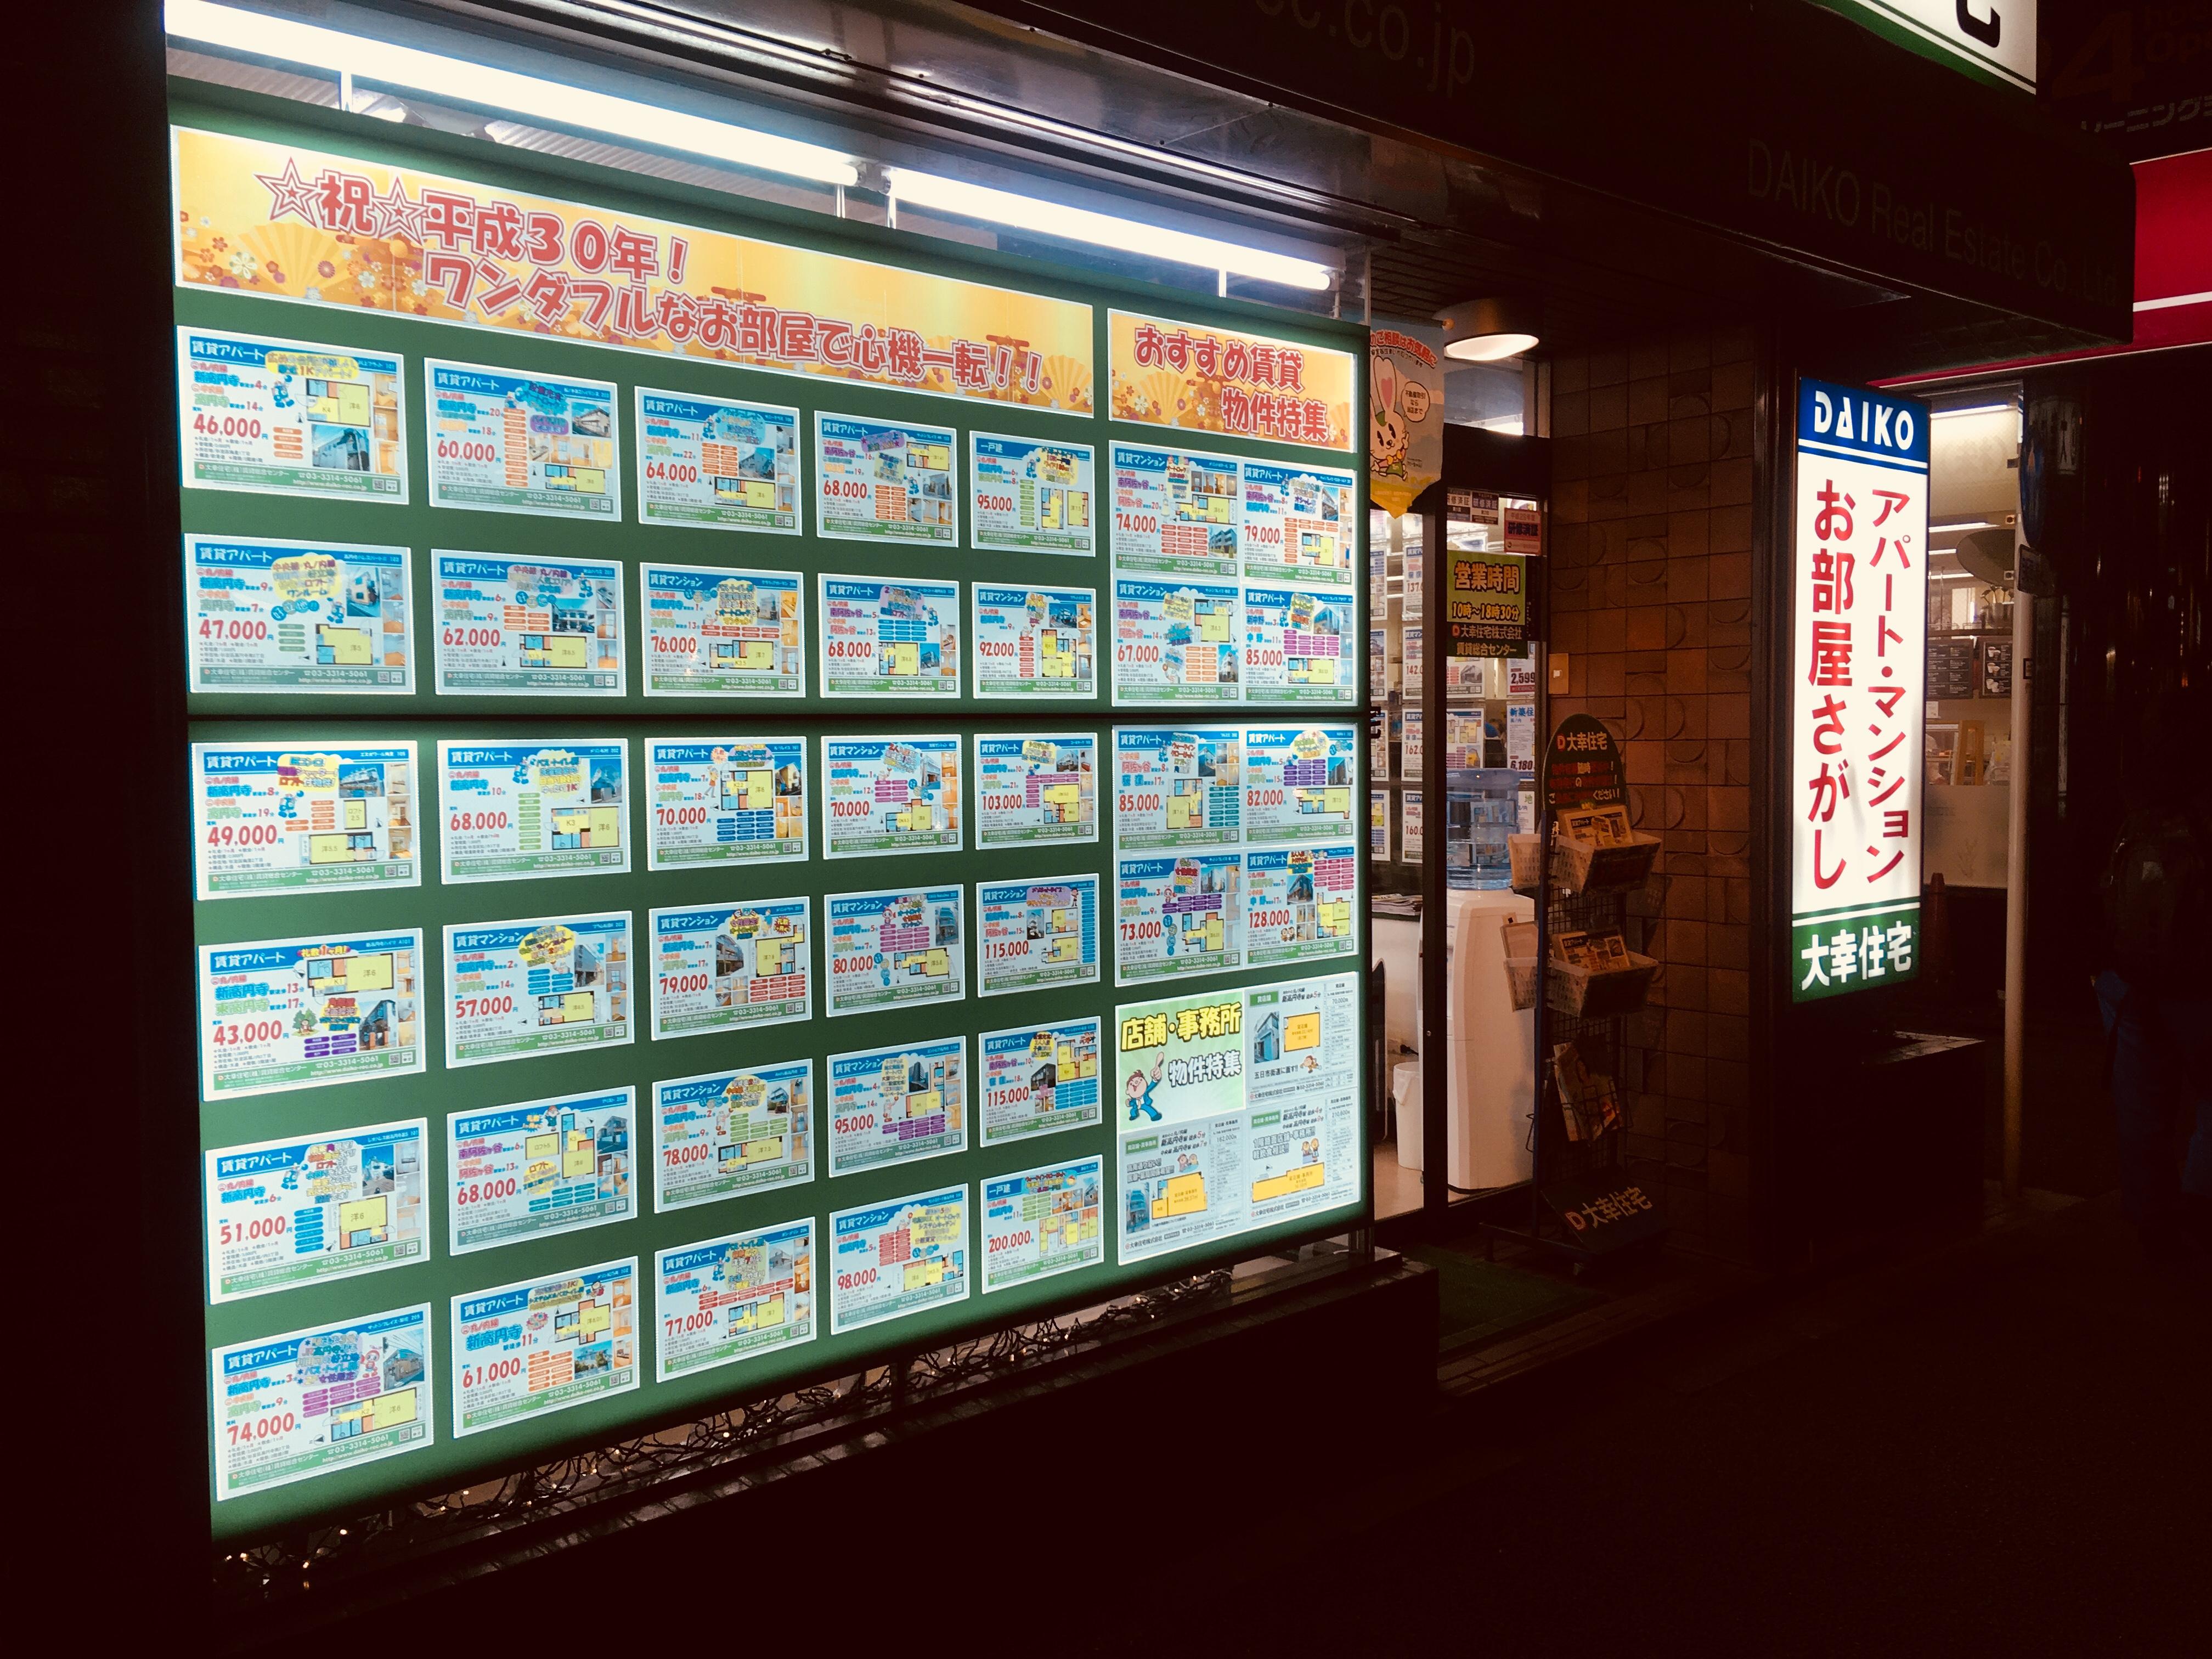 新高円寺のイルミネーション